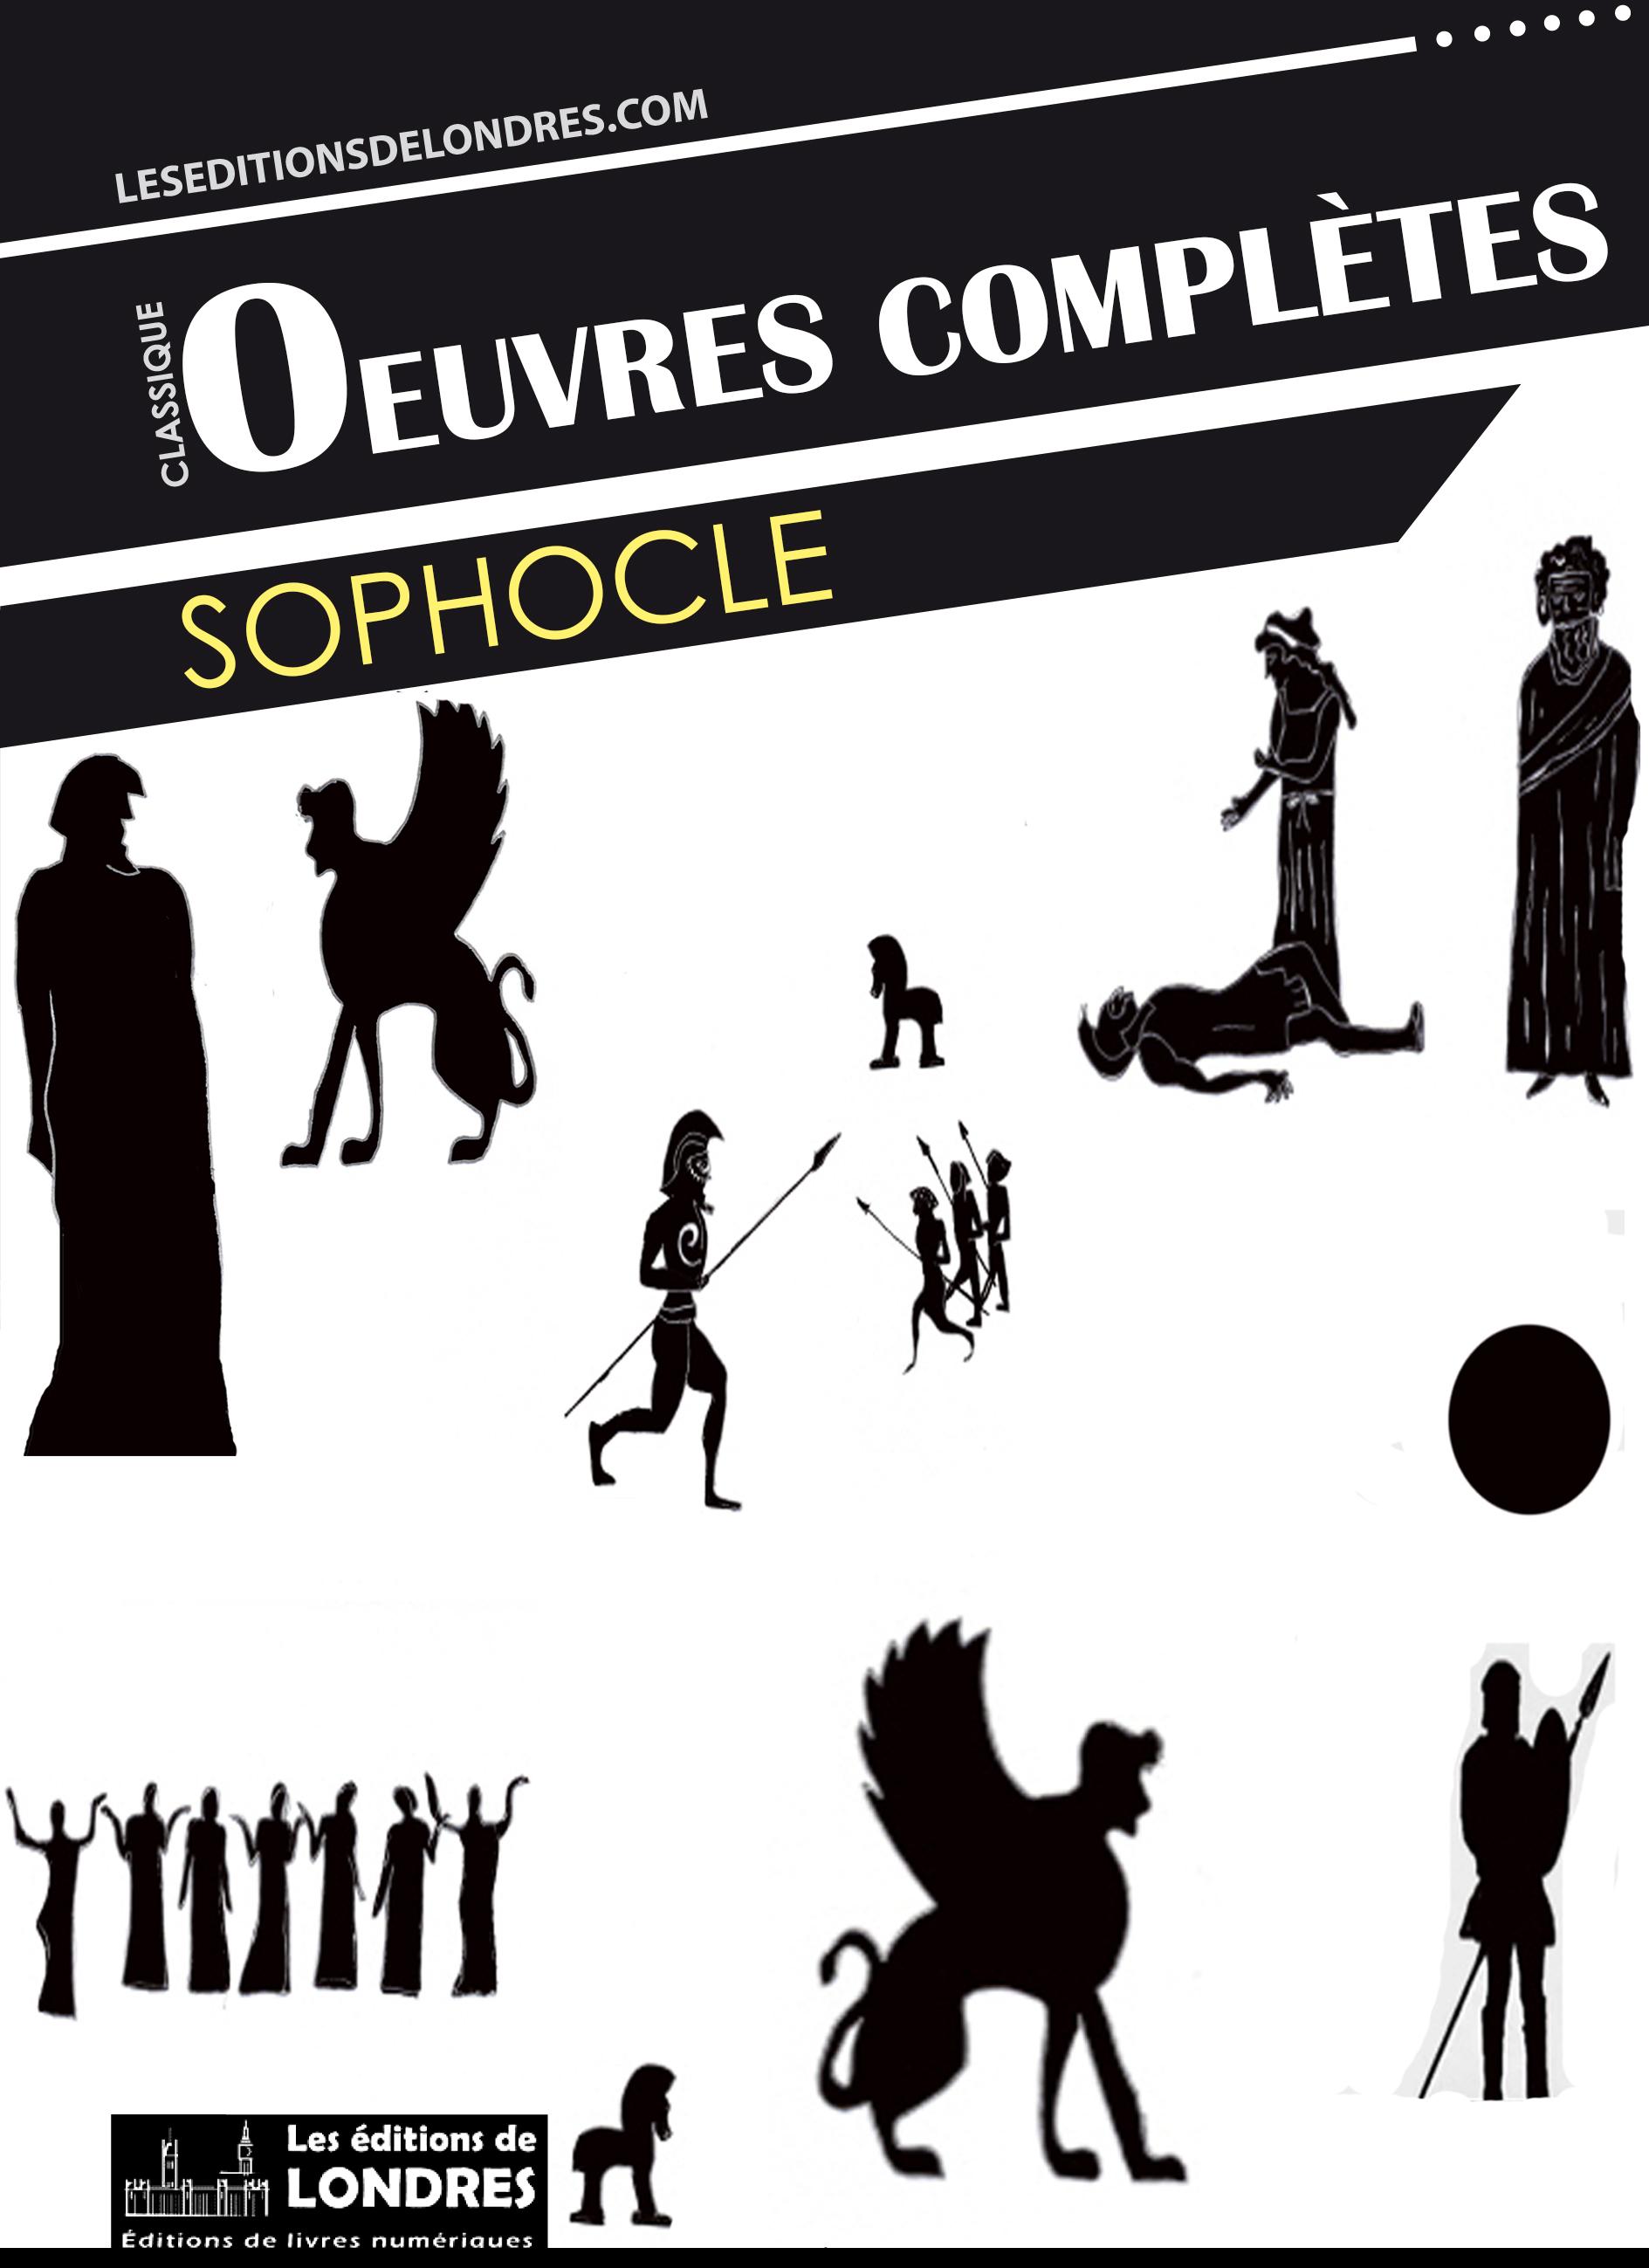 OEuvres complètes de Sophocle